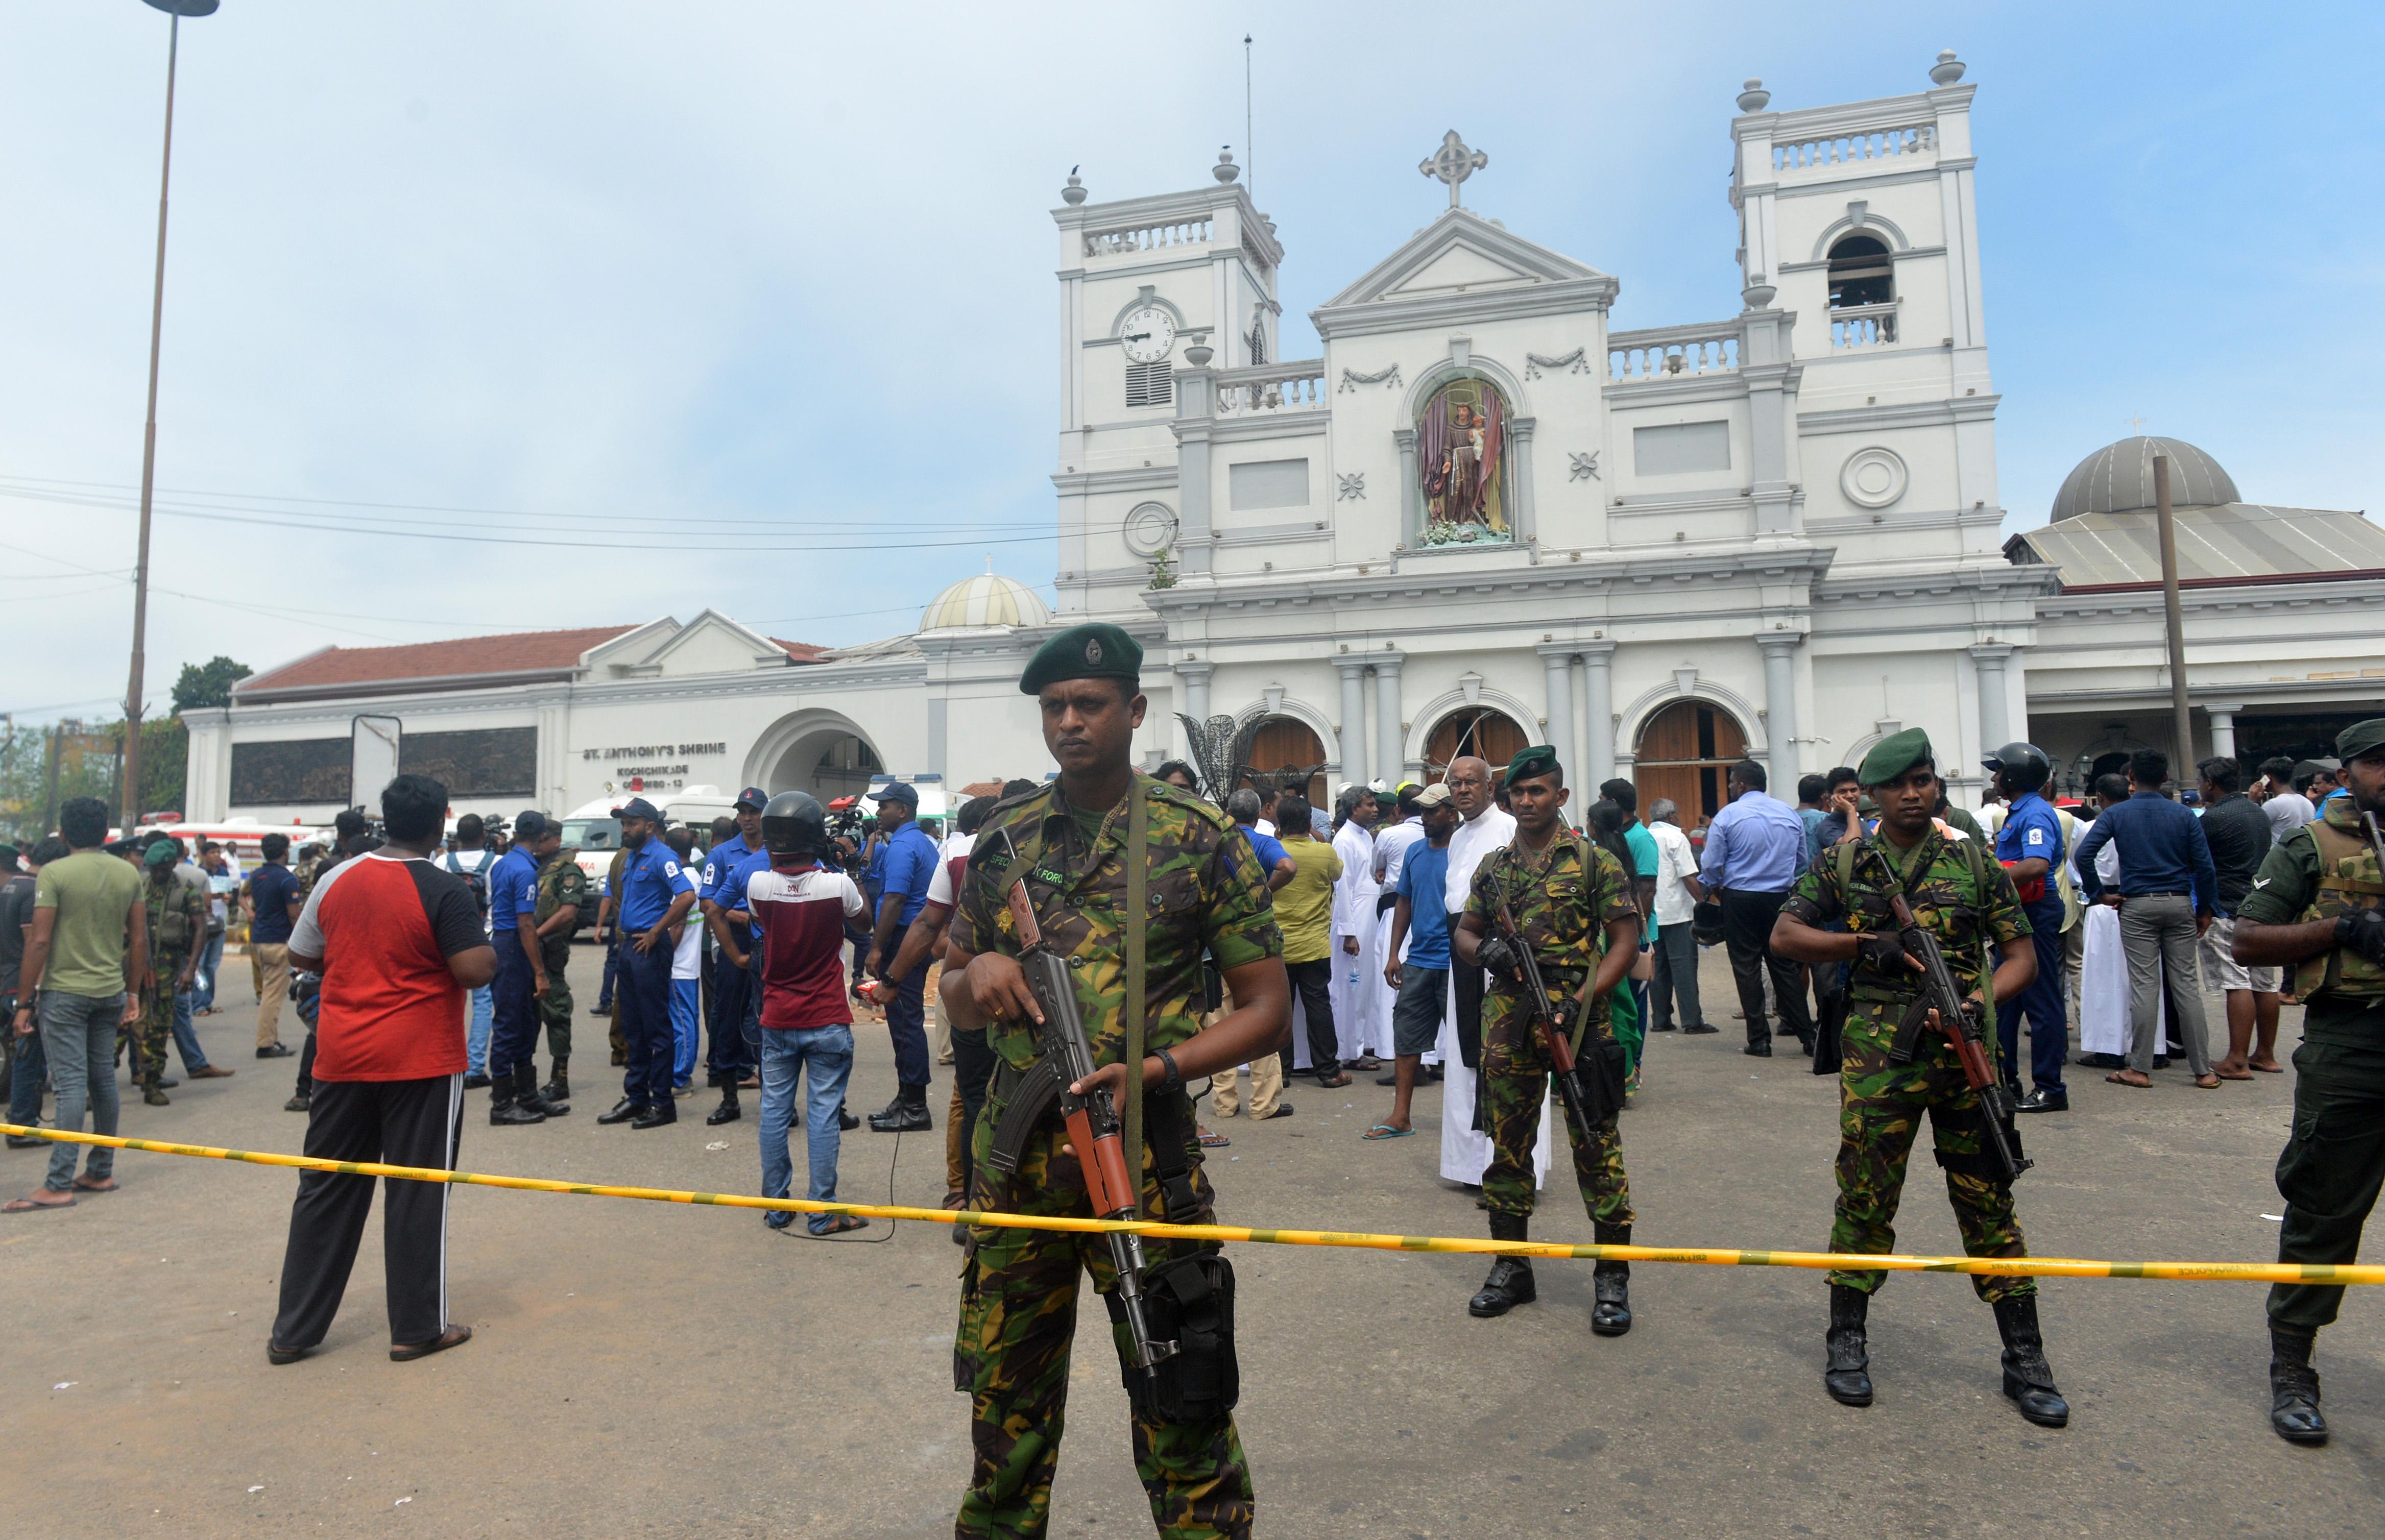 قوات الأمن تطوق كنيسة تعرضت لهجوم في العاصمة السريلانكية كولومبو